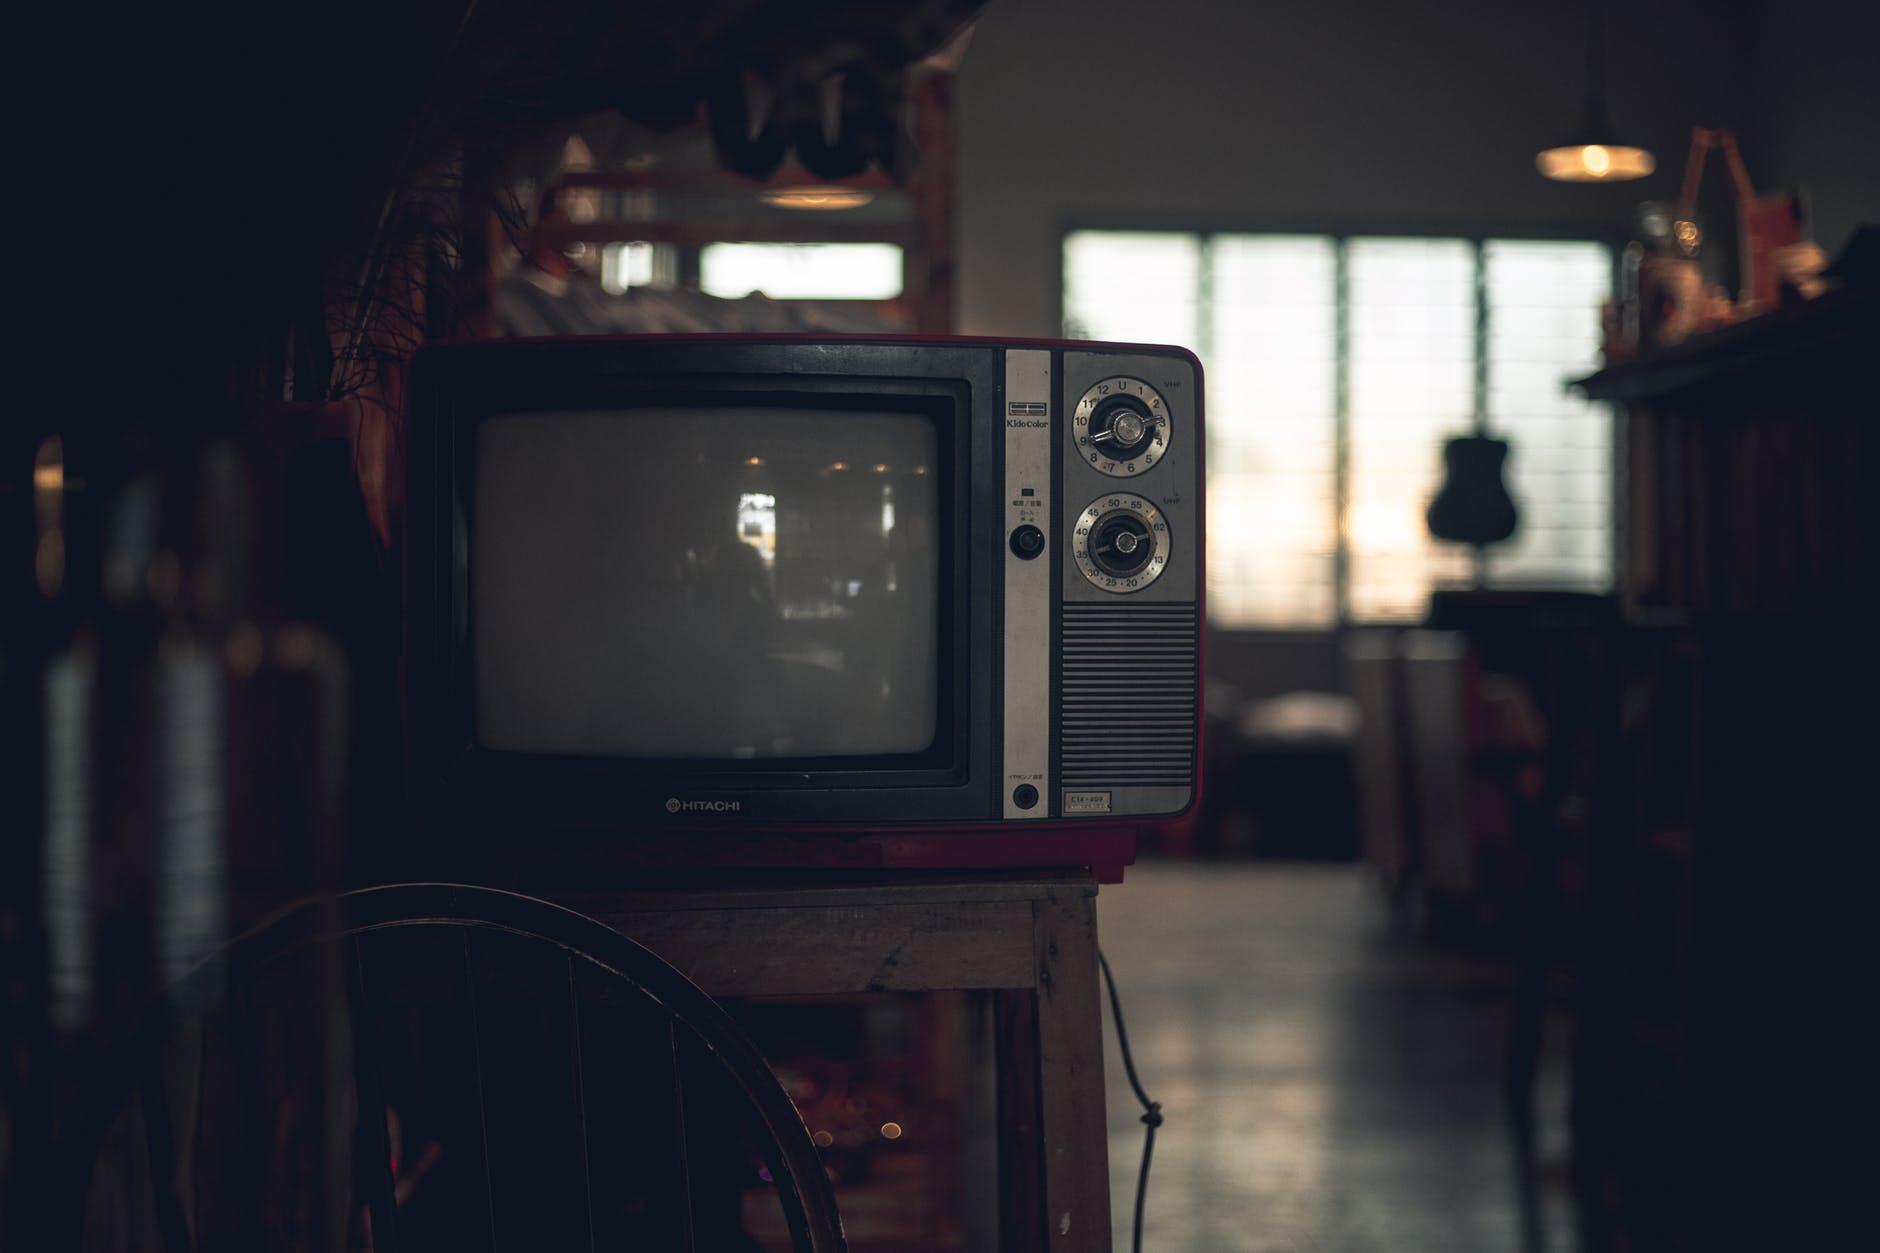 Cek Fakta, Benarkah TV Tabung Murah Boros Listrik?